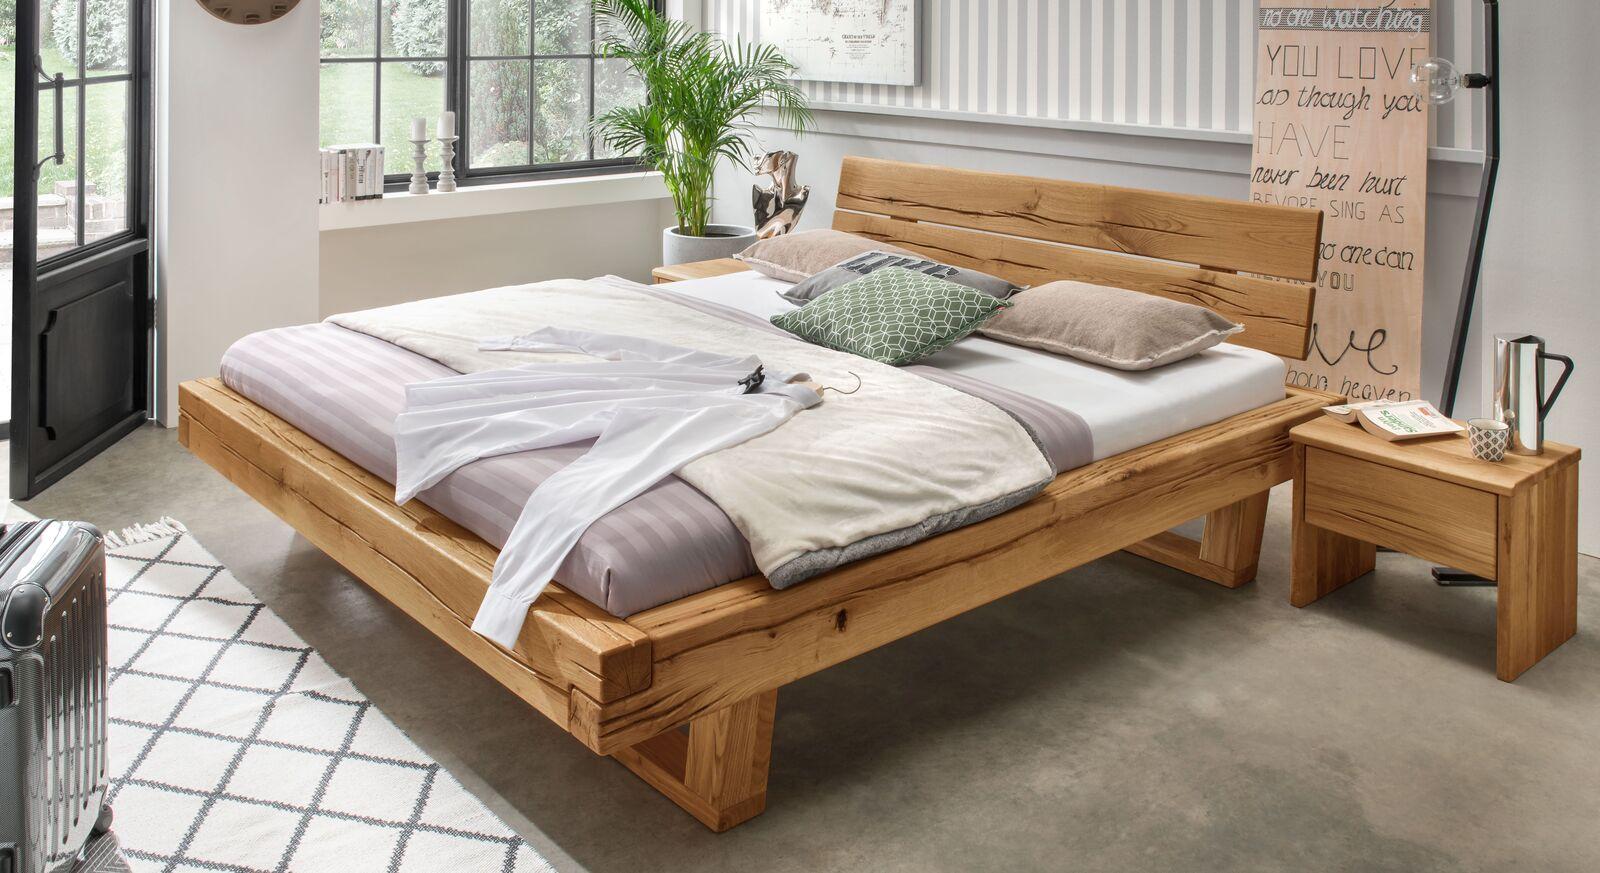 Passende Produkte zum Bett Rigolato